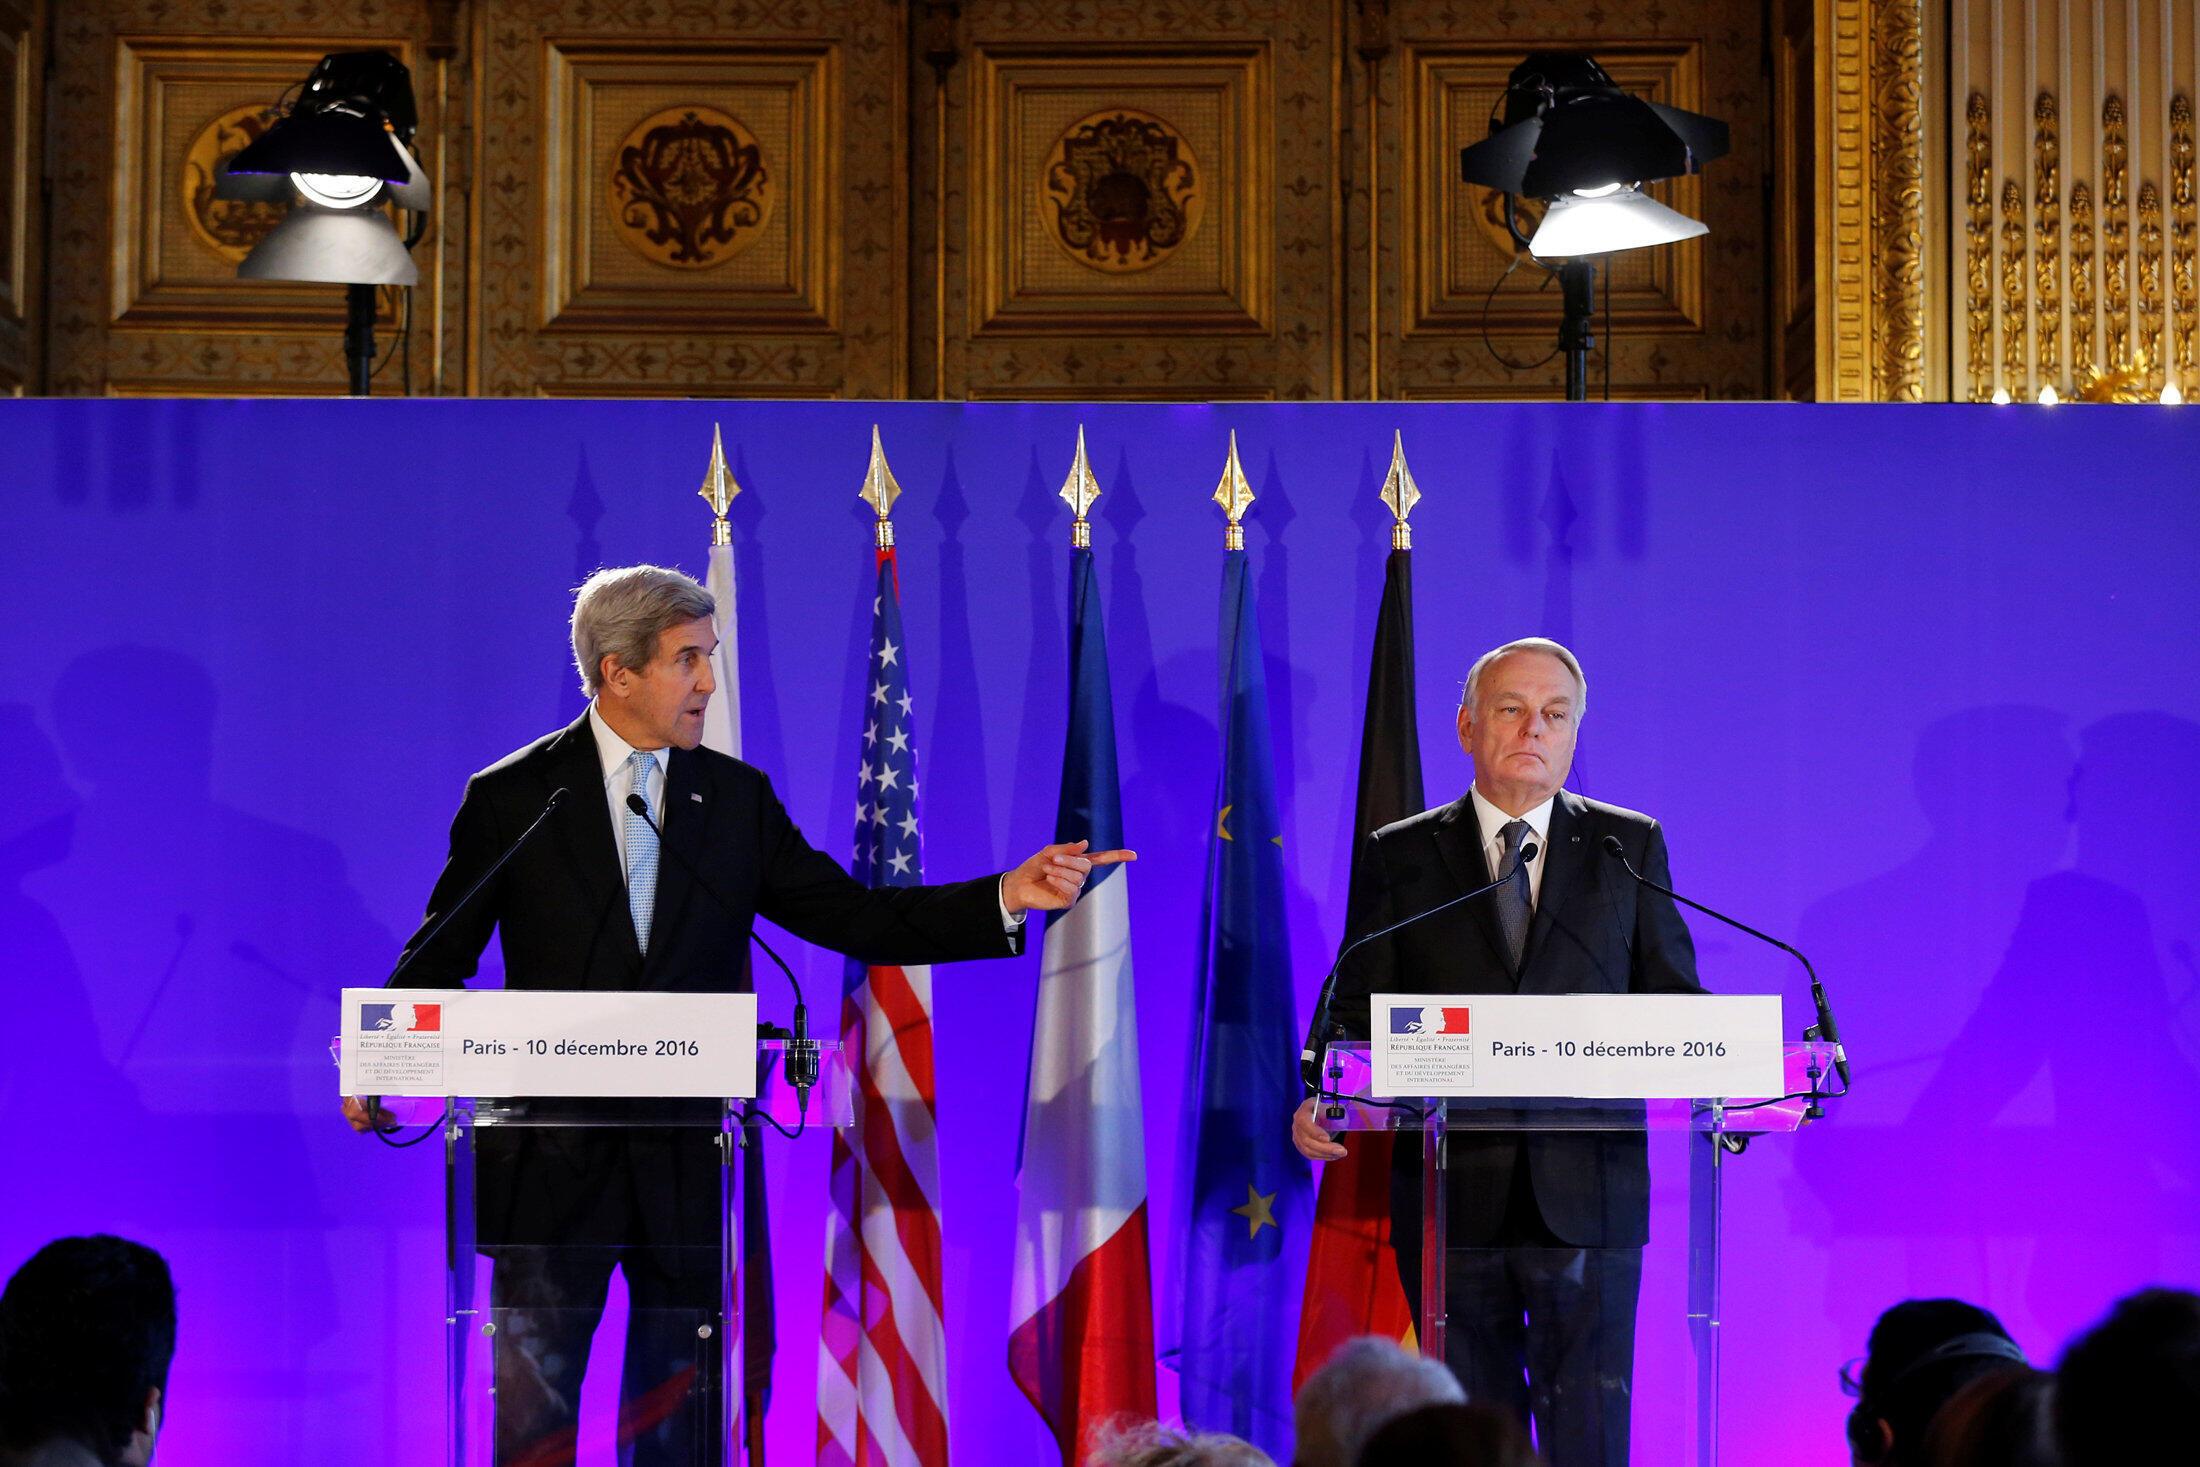 Le secrétaire d'Etat américain John Kerry et le ministre français des Affaires étrangères Jean-Marc Ayrault, lors de la réunion de Paris, le 10 décembre 2016.